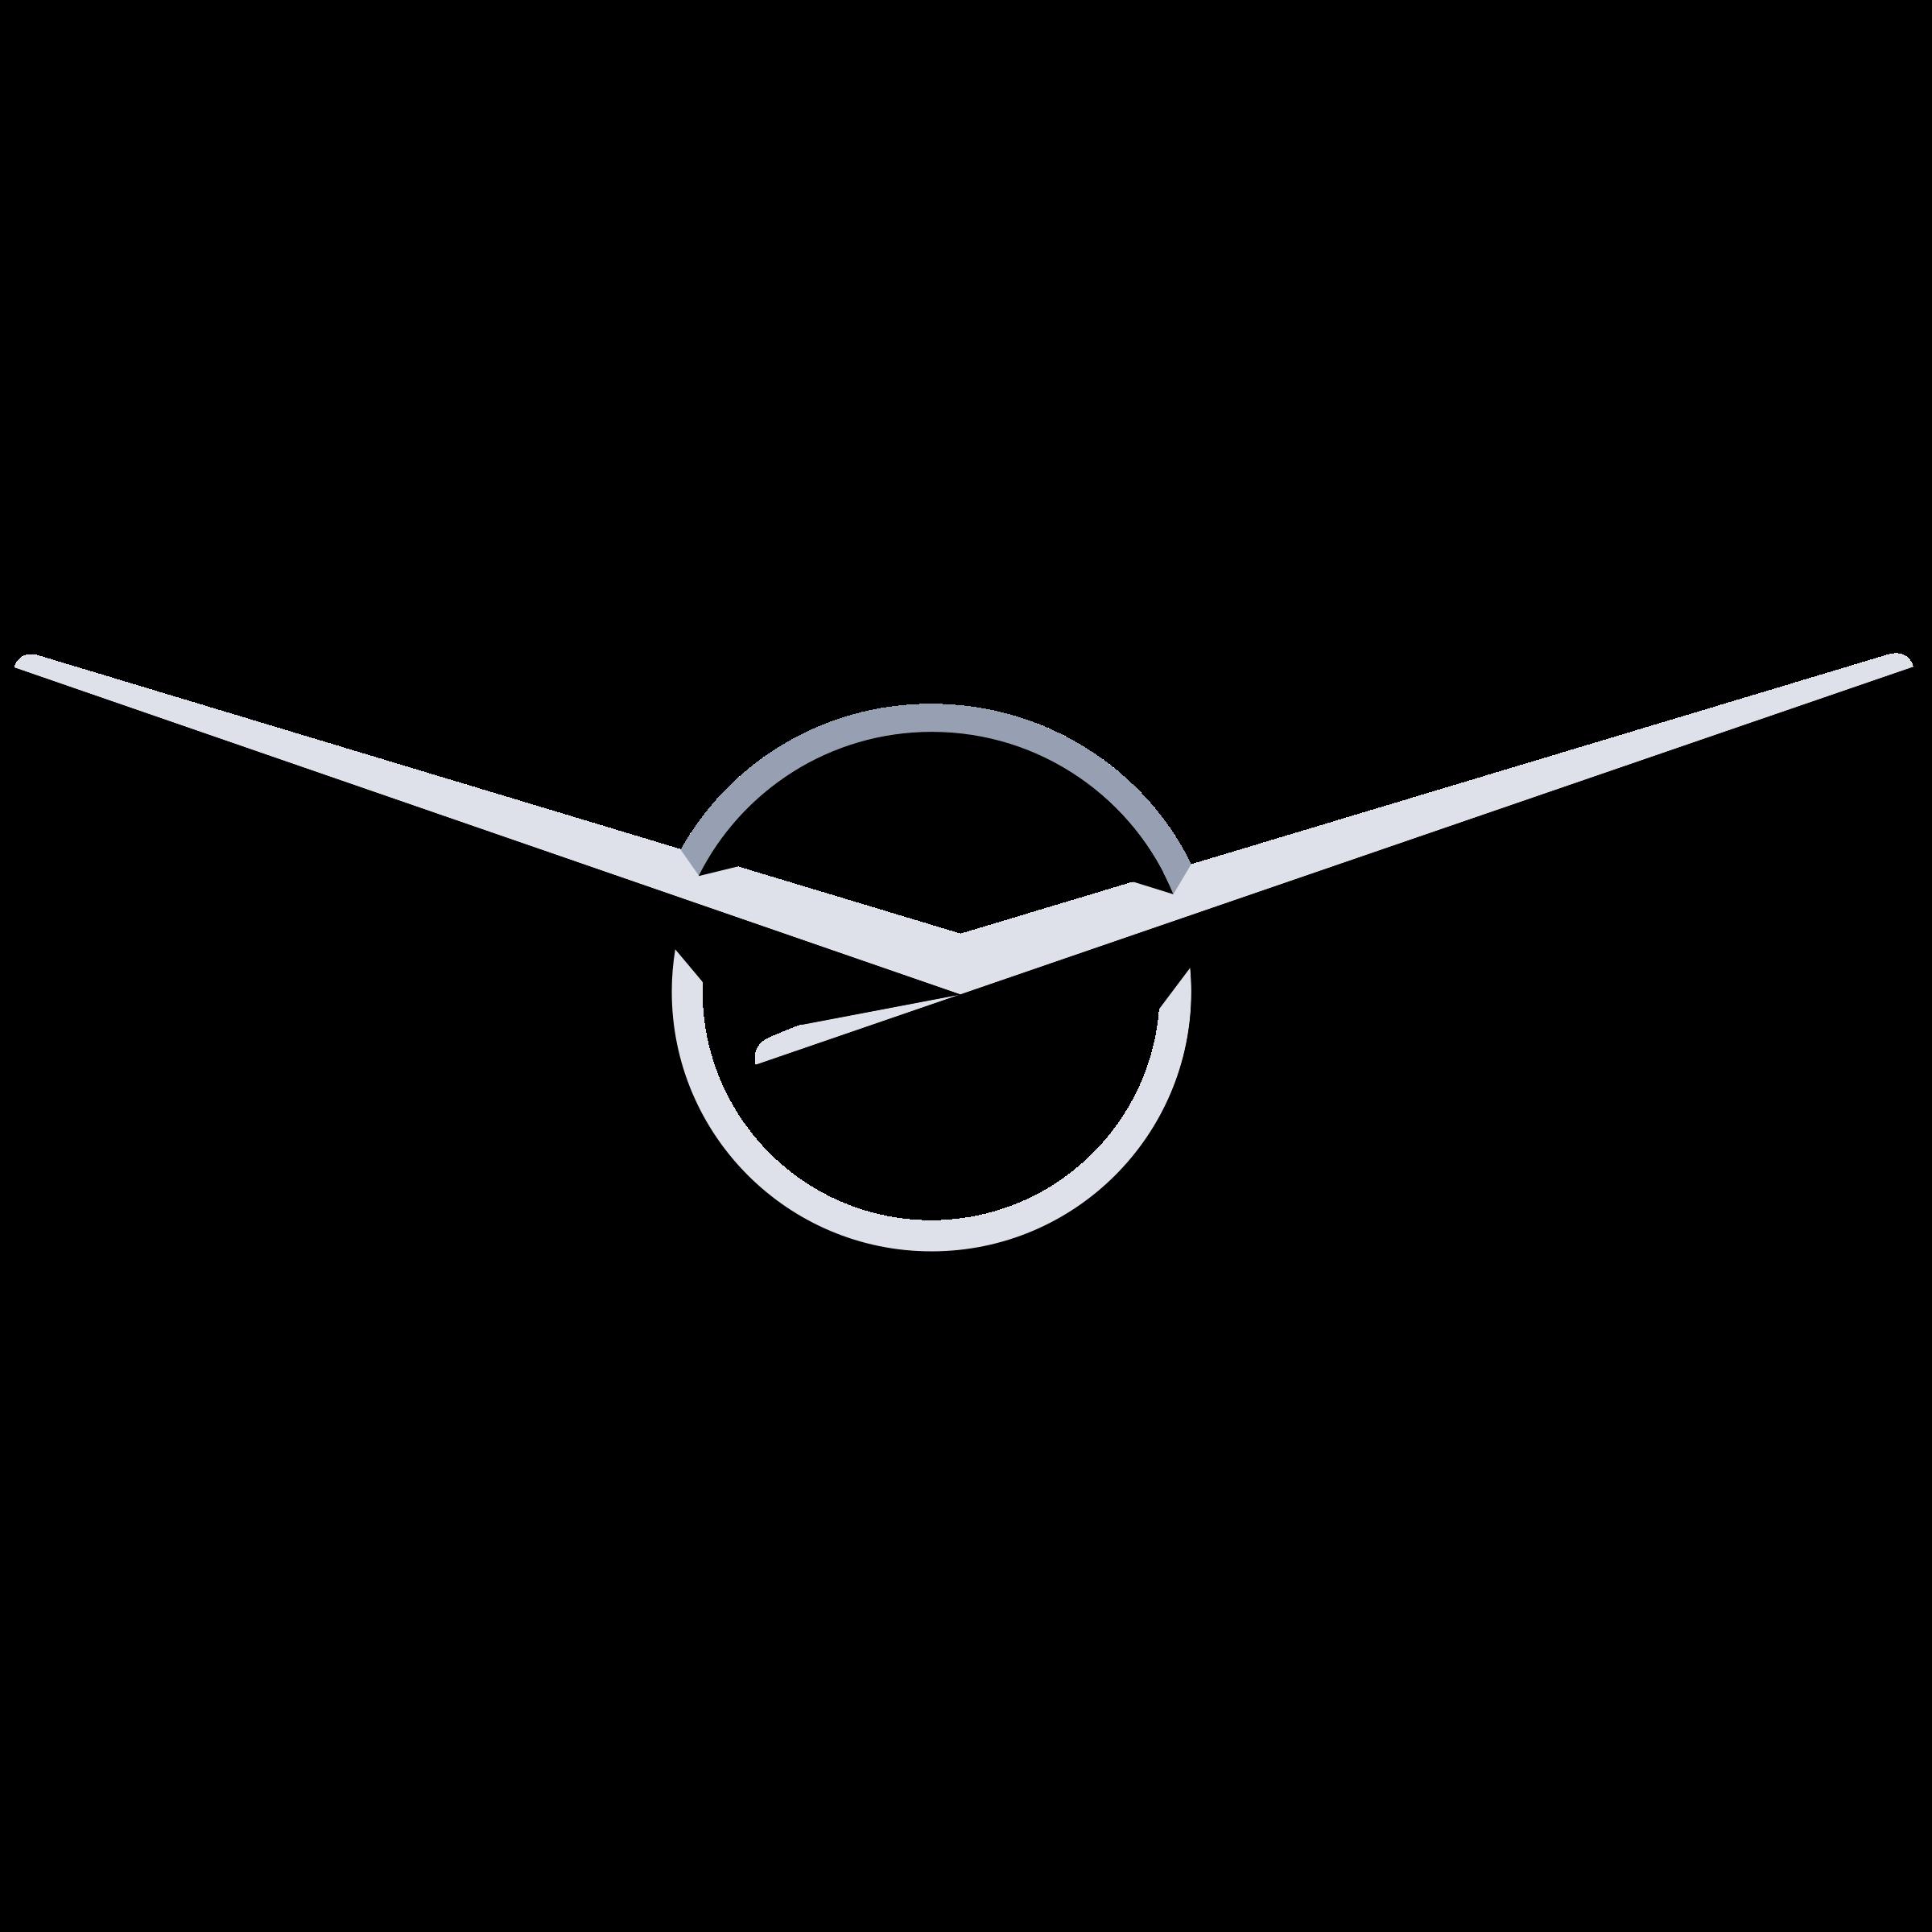 УАЗ логотип PNG